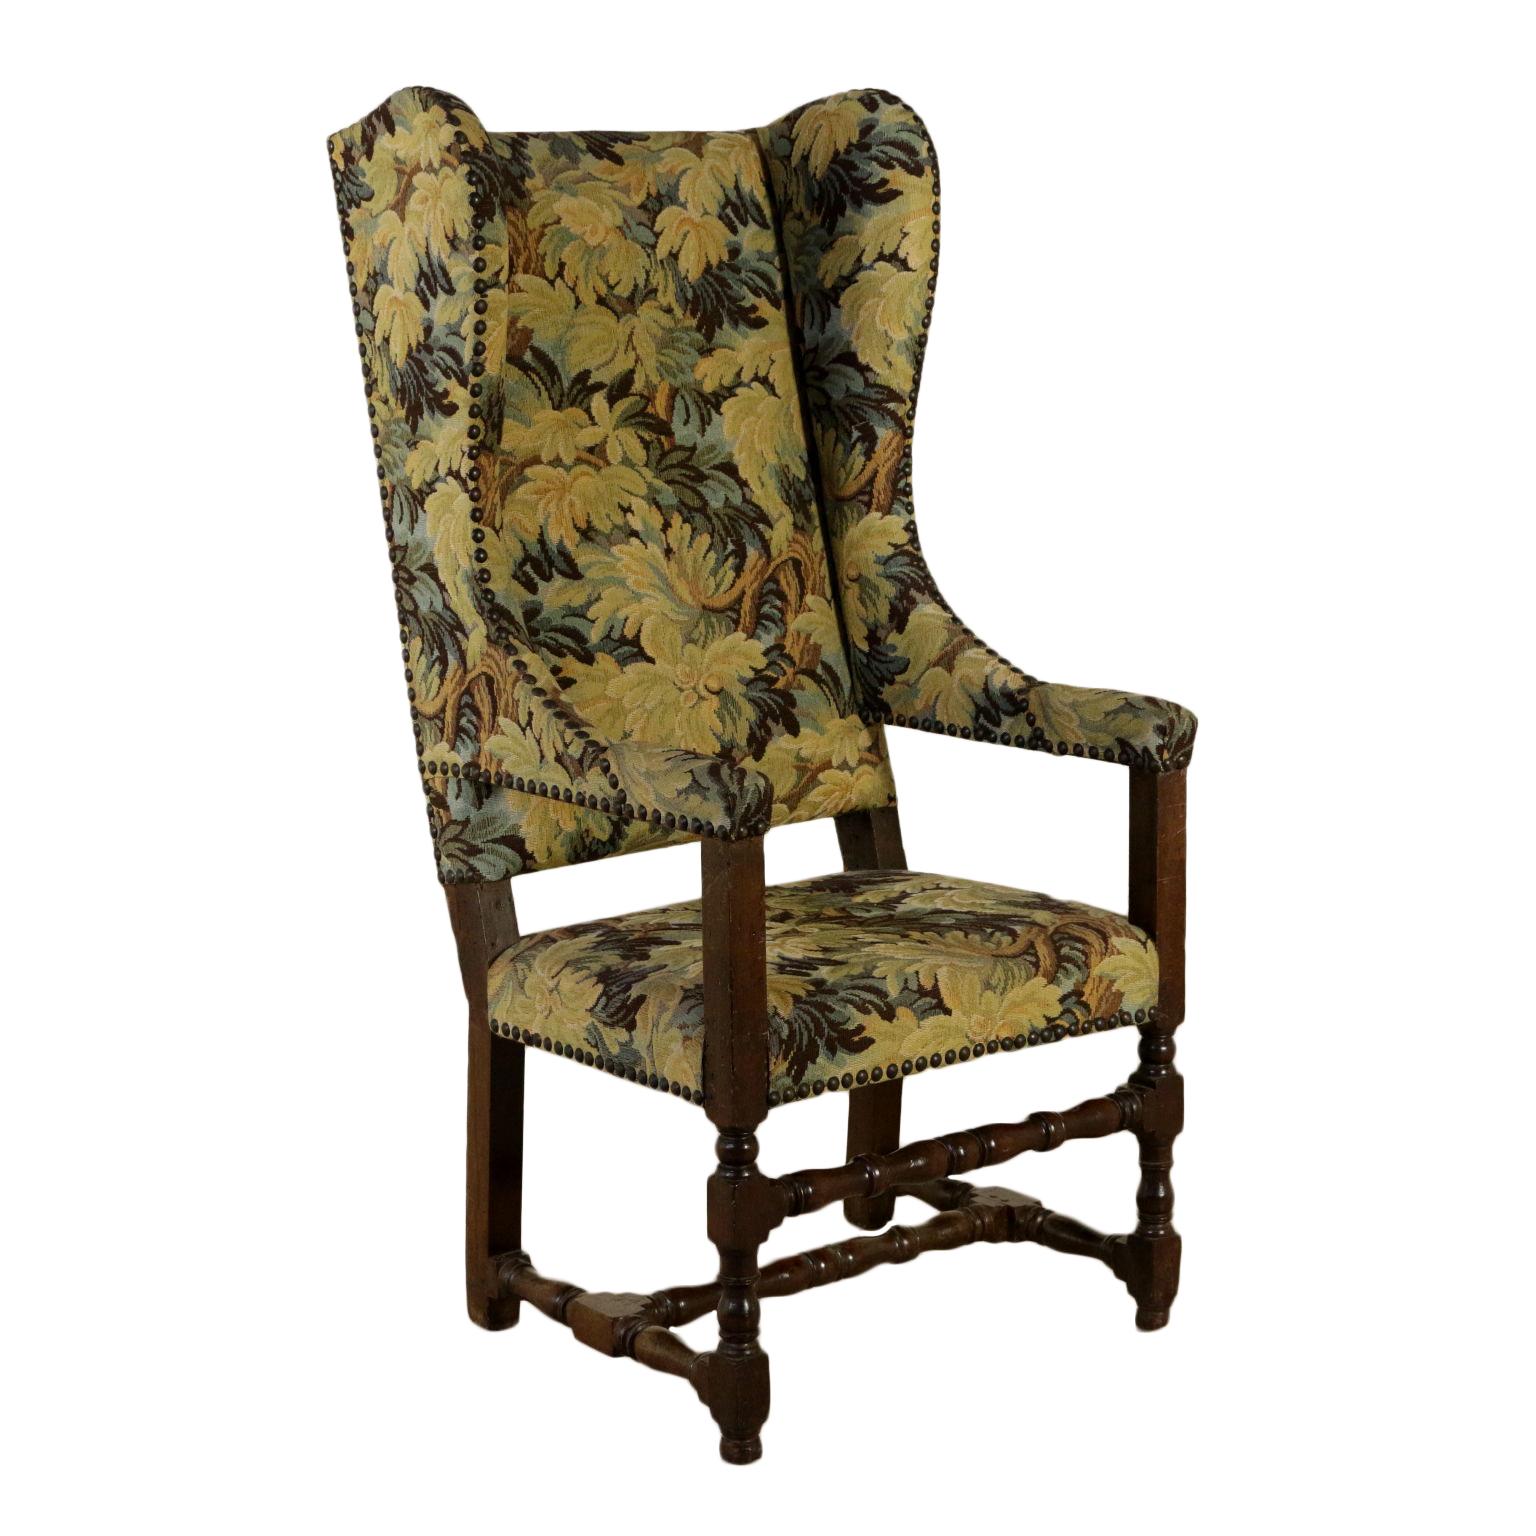 Poltrona bergere sedie poltrone divani antiquariato for Poltrone sedie